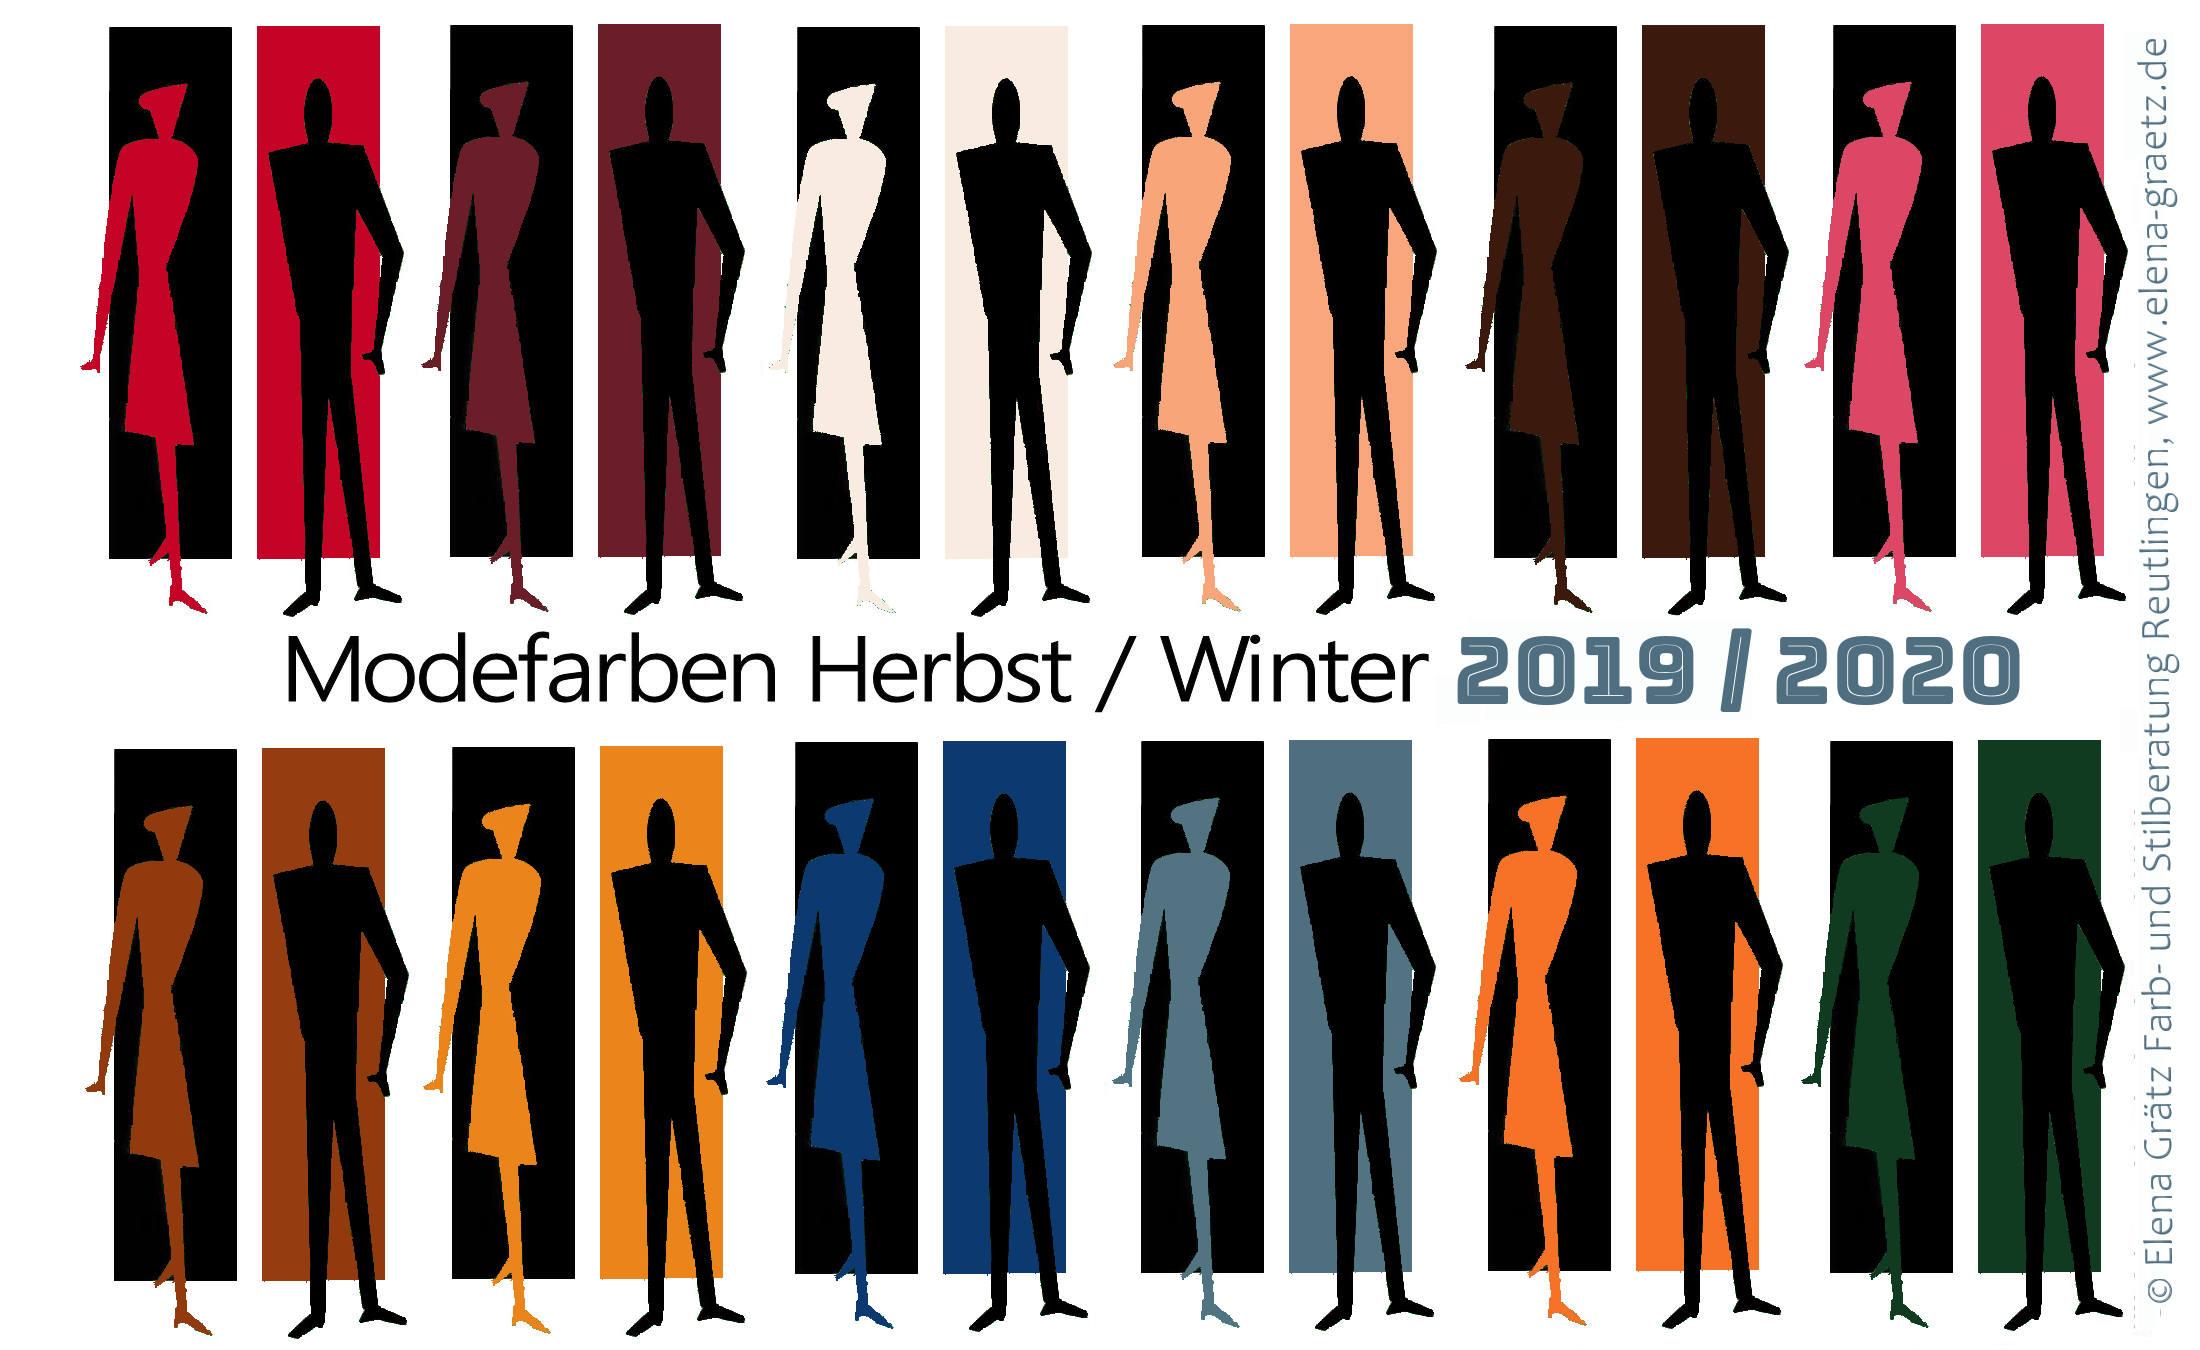 Die 12 Trendfraben für die Mode im Herbst / Winter 2019